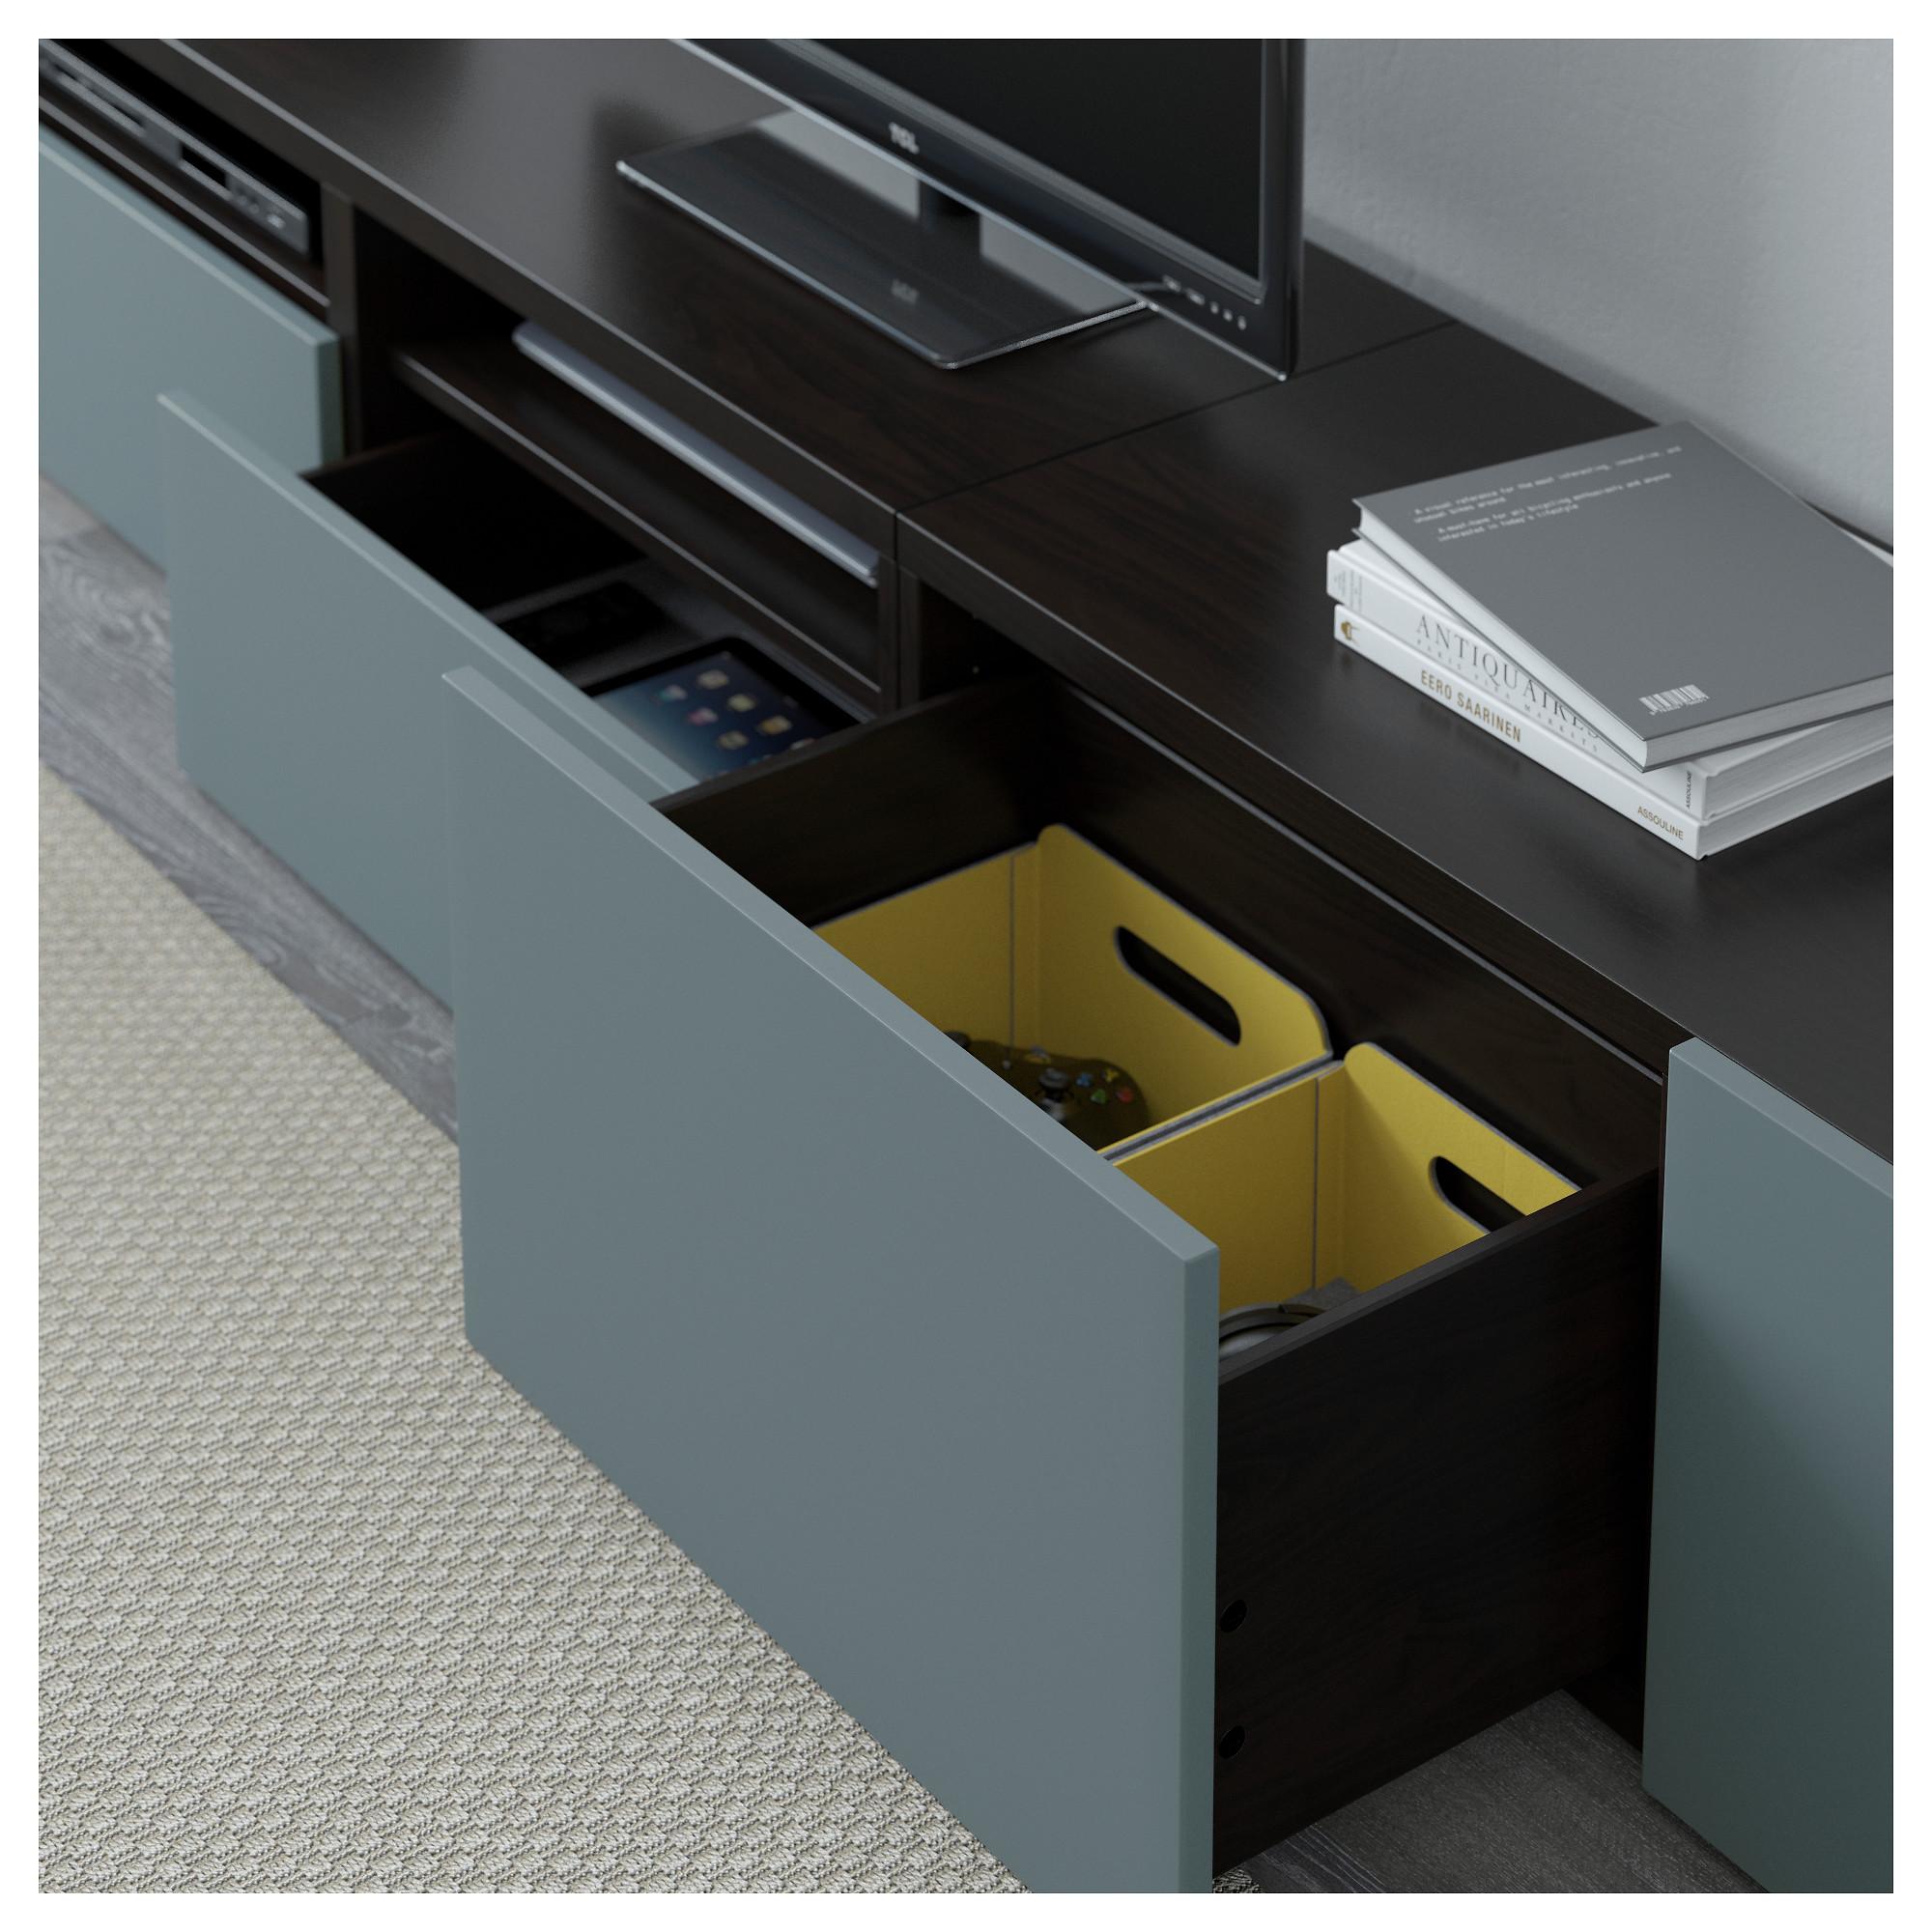 Шкаф для ТВ, комбинация БЕСТО артикуль № 692.516.75 в наличии. Интернет сайт IKEA Республика Беларусь. Быстрая доставка и соборка.